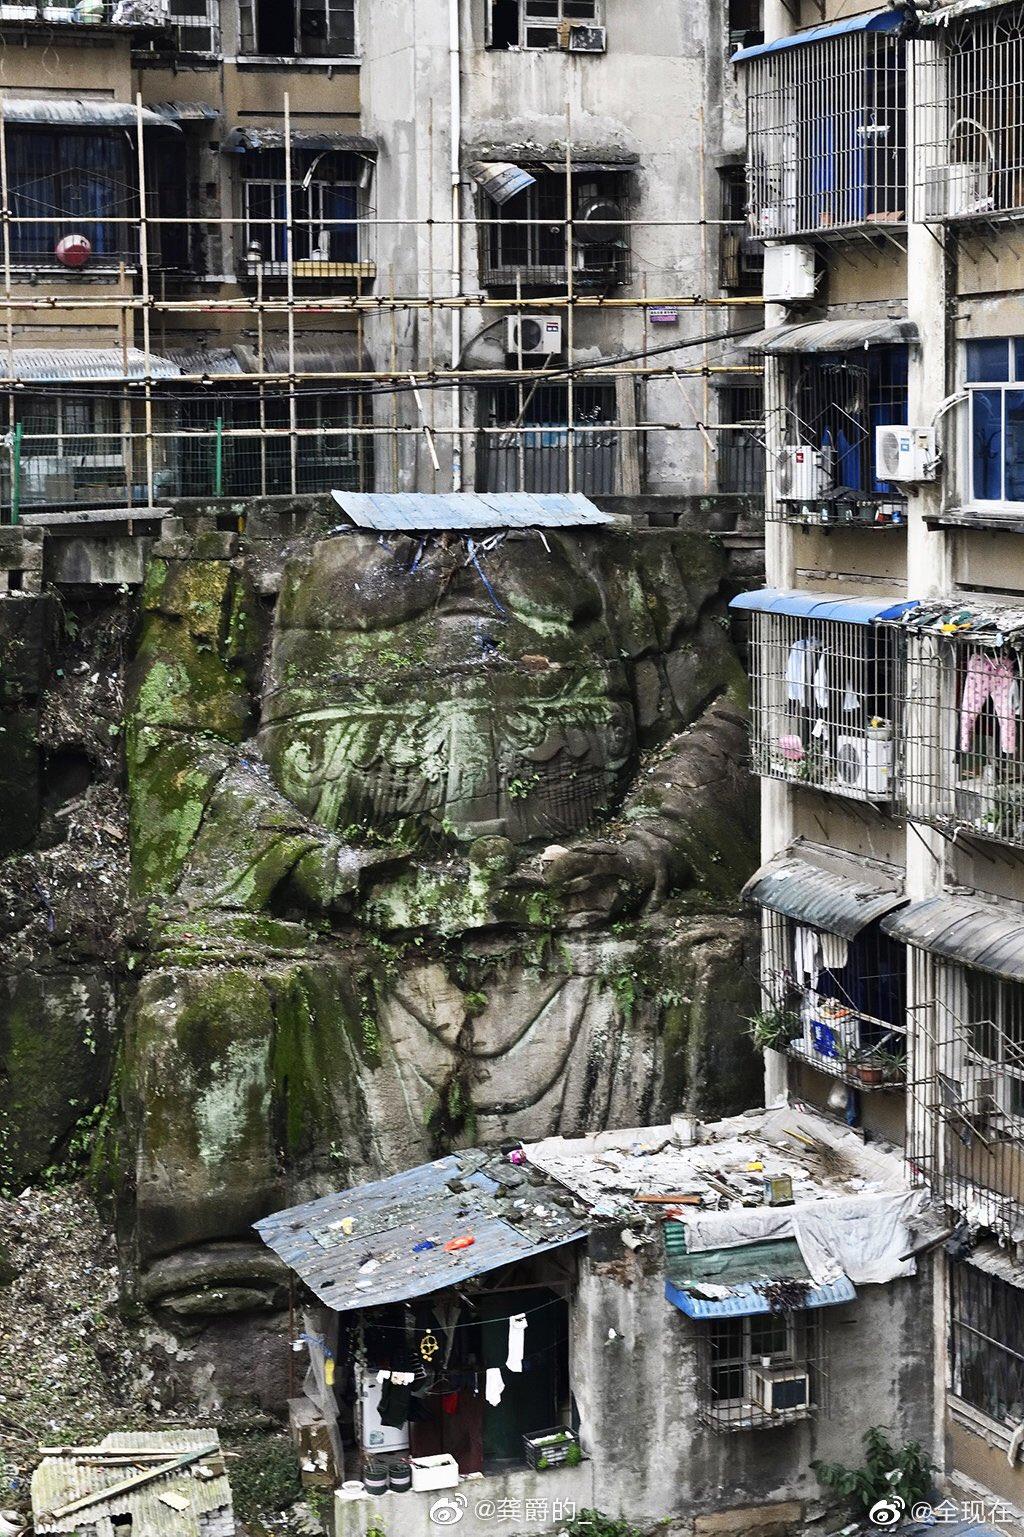 В Китае под многоэтажкой случайно нашли гигантскую статую обезглавленного Будды